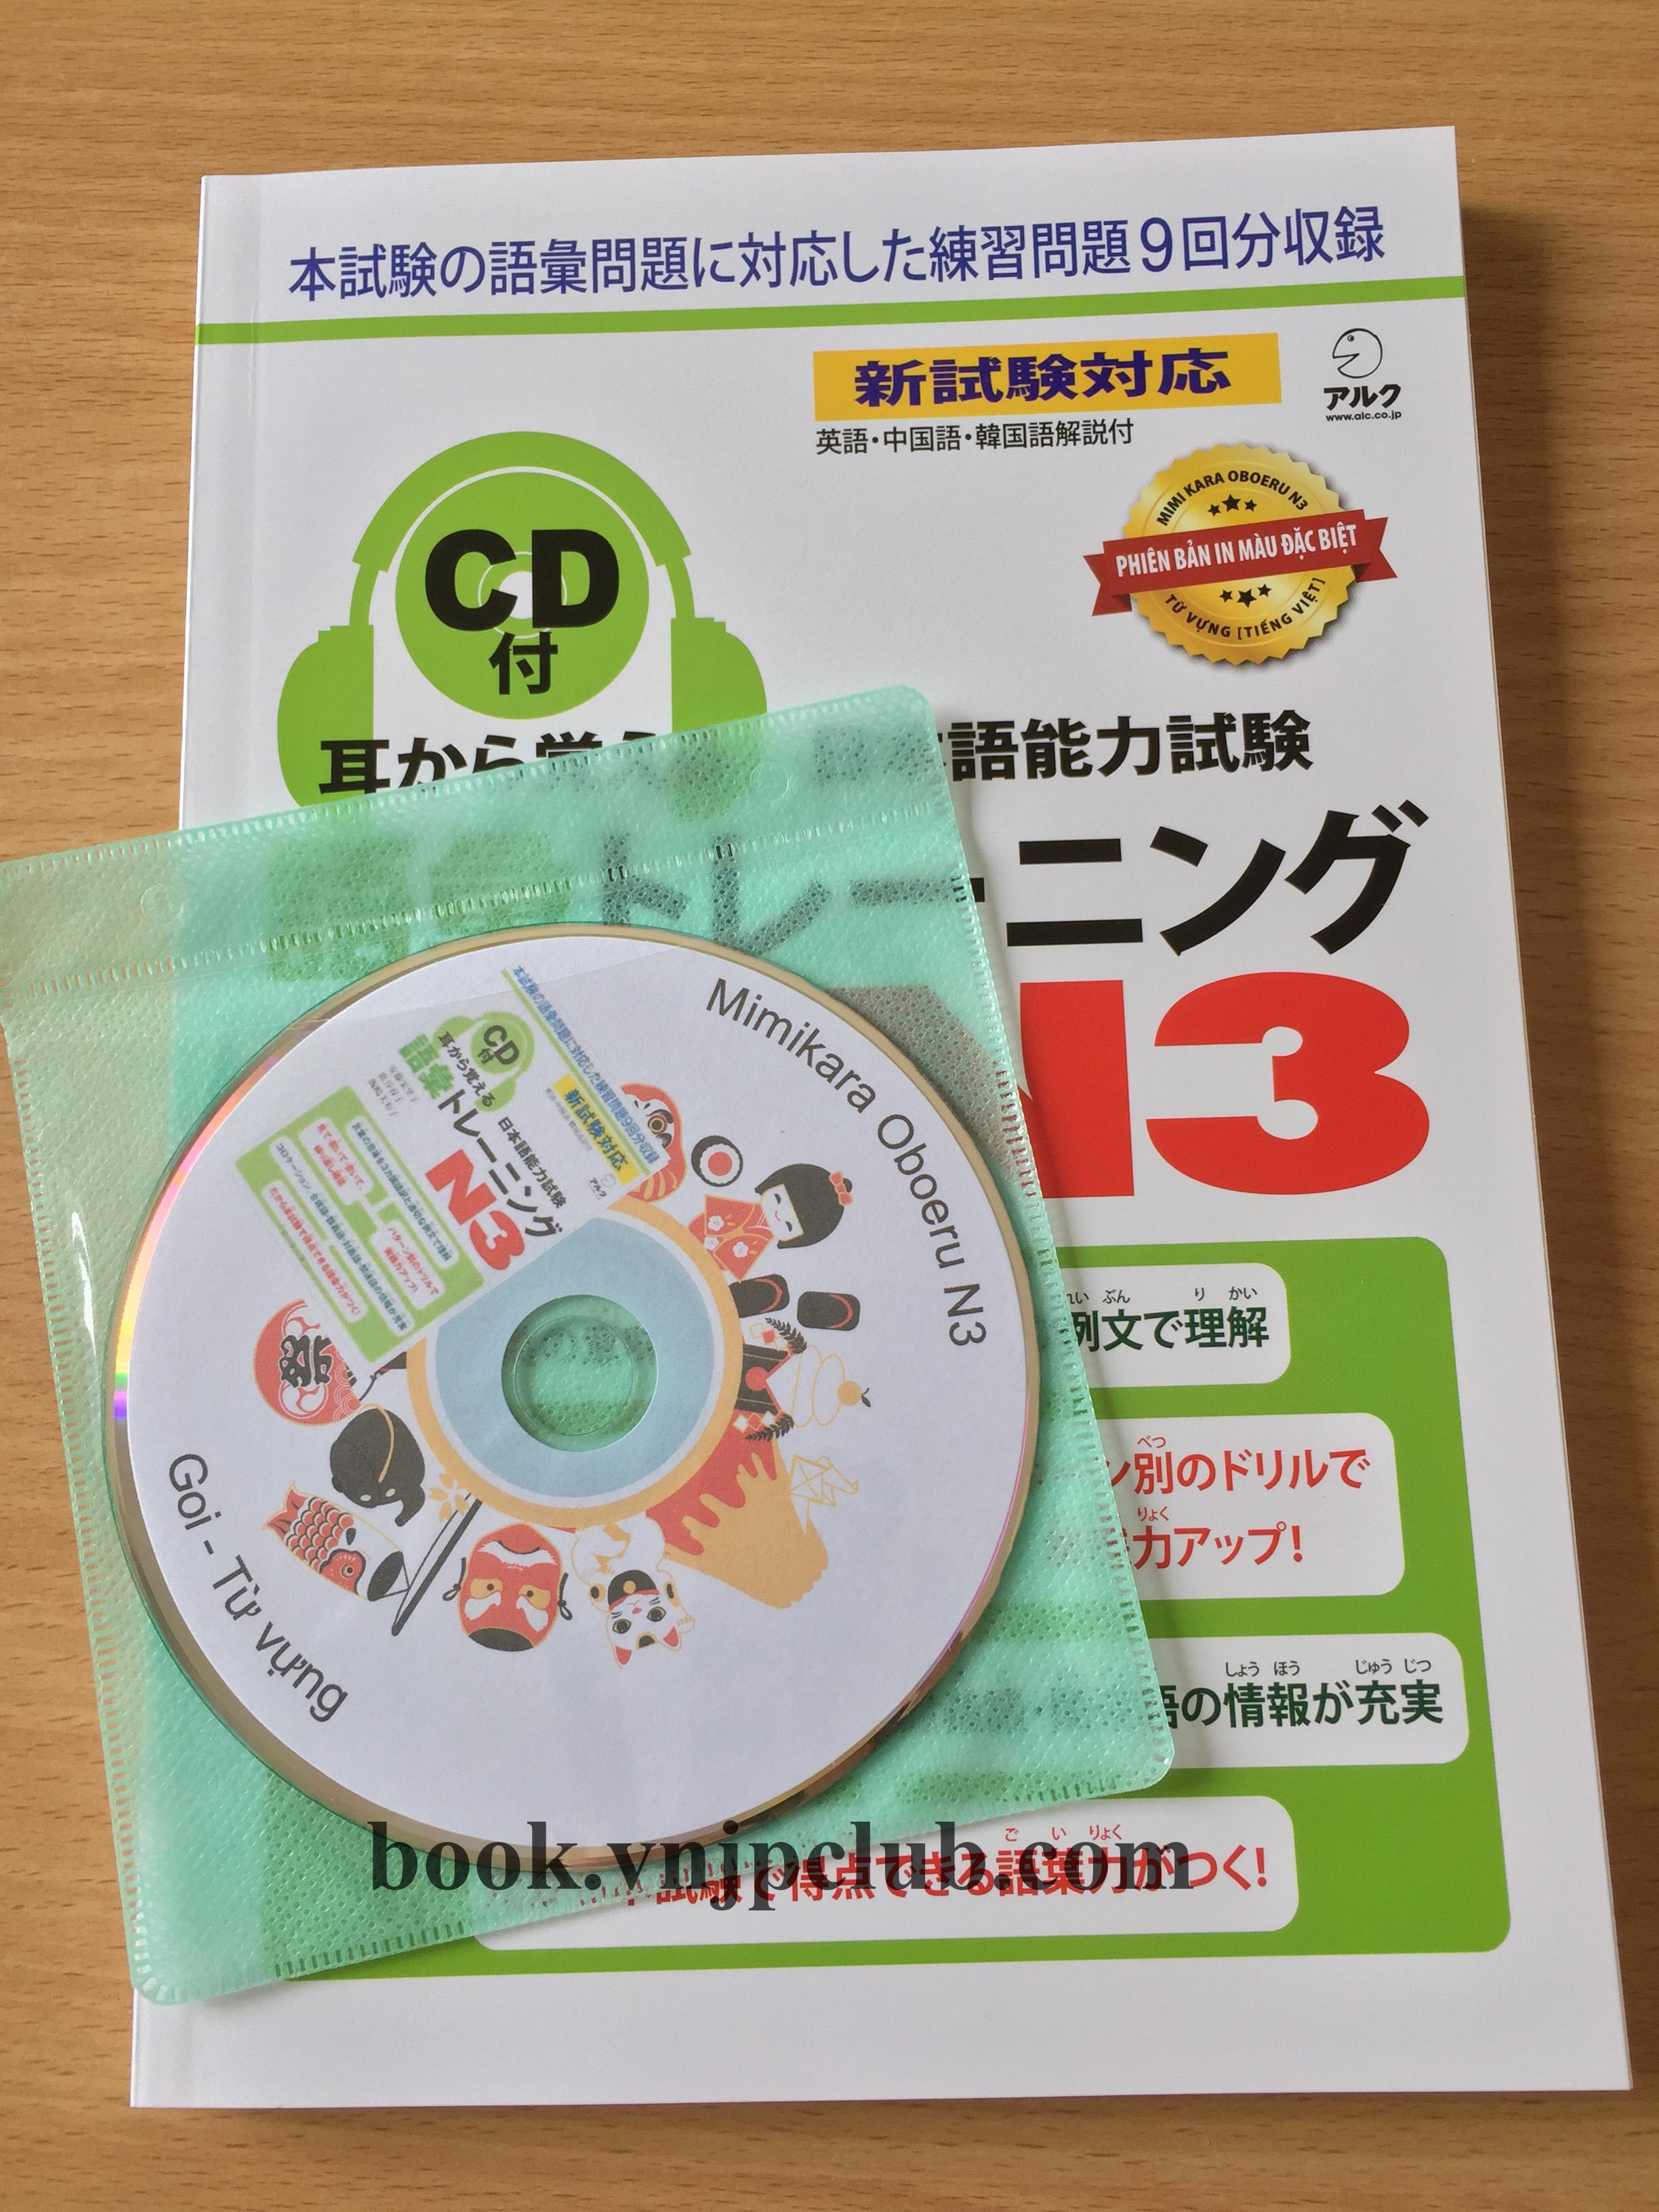 Mimikara Oboeru N3 Từ Vựng – Bản Dịch Tiếng Việt Kèm CD - Mimikara N3 Từ Vựng - Vnjpbook Giá Rẻ Nhất Thị Trường